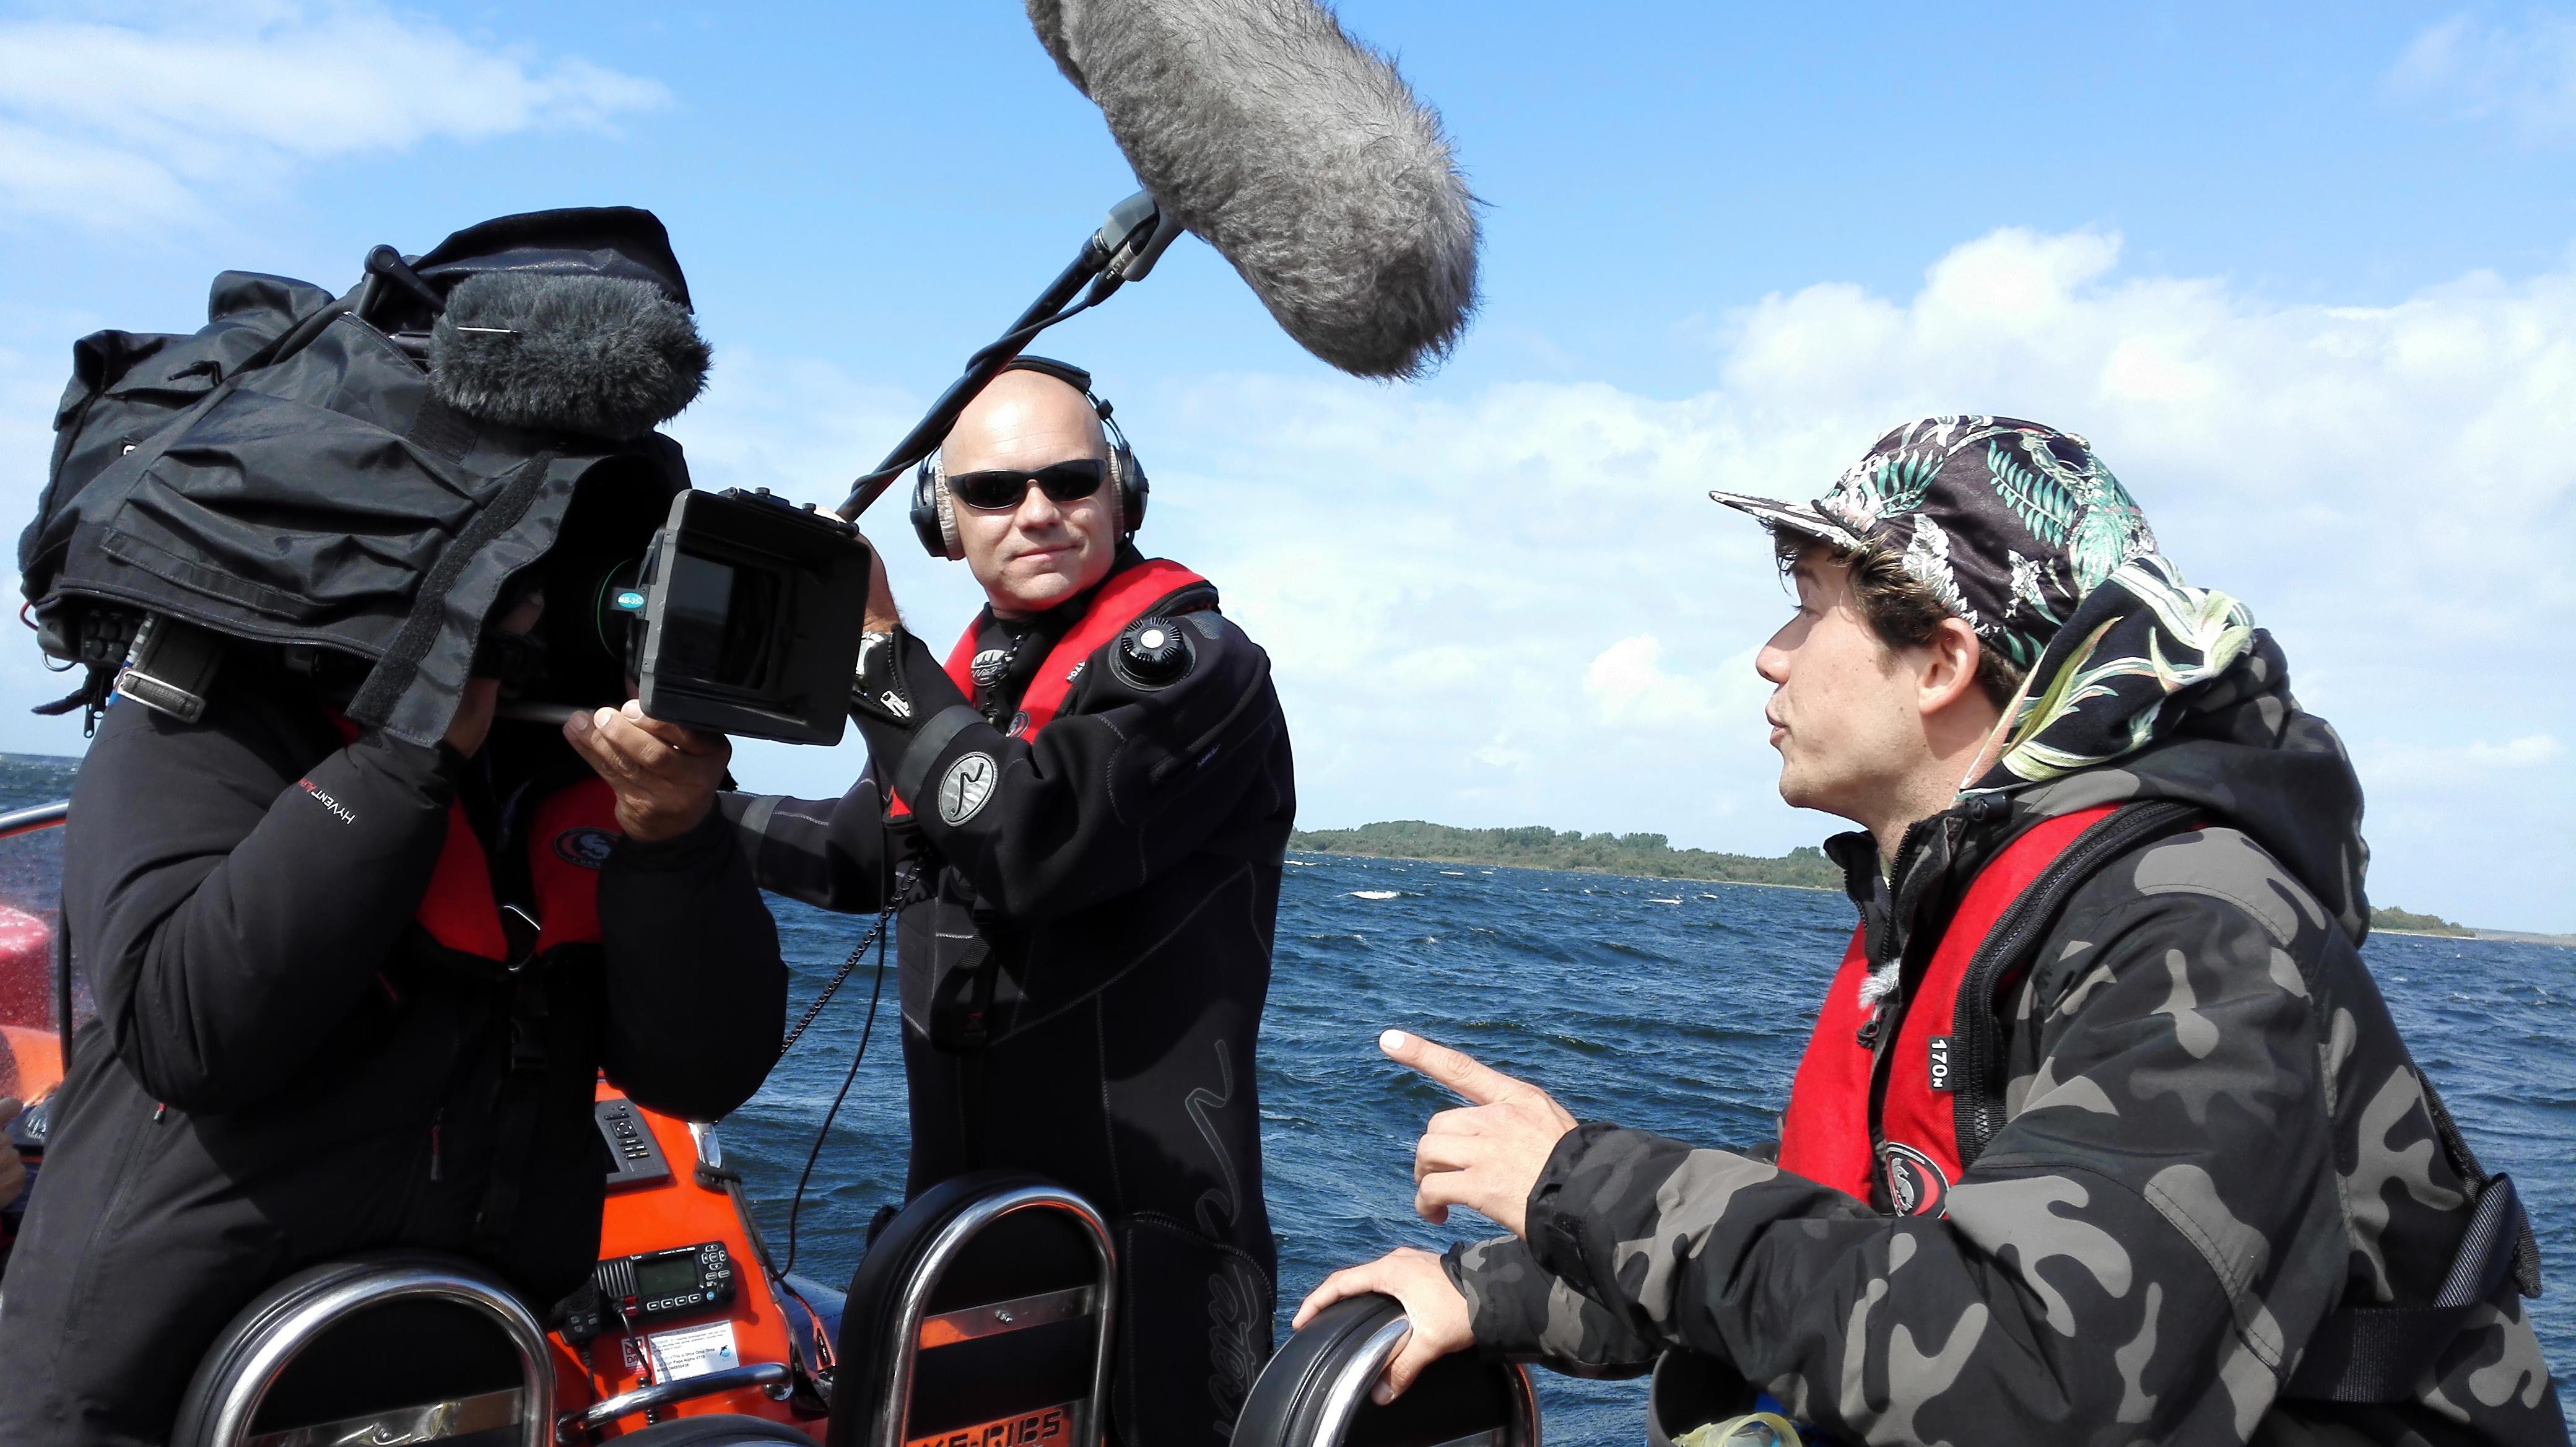 Het Klokhuis uitleg presentator Pascal Tan - In de Noordzee